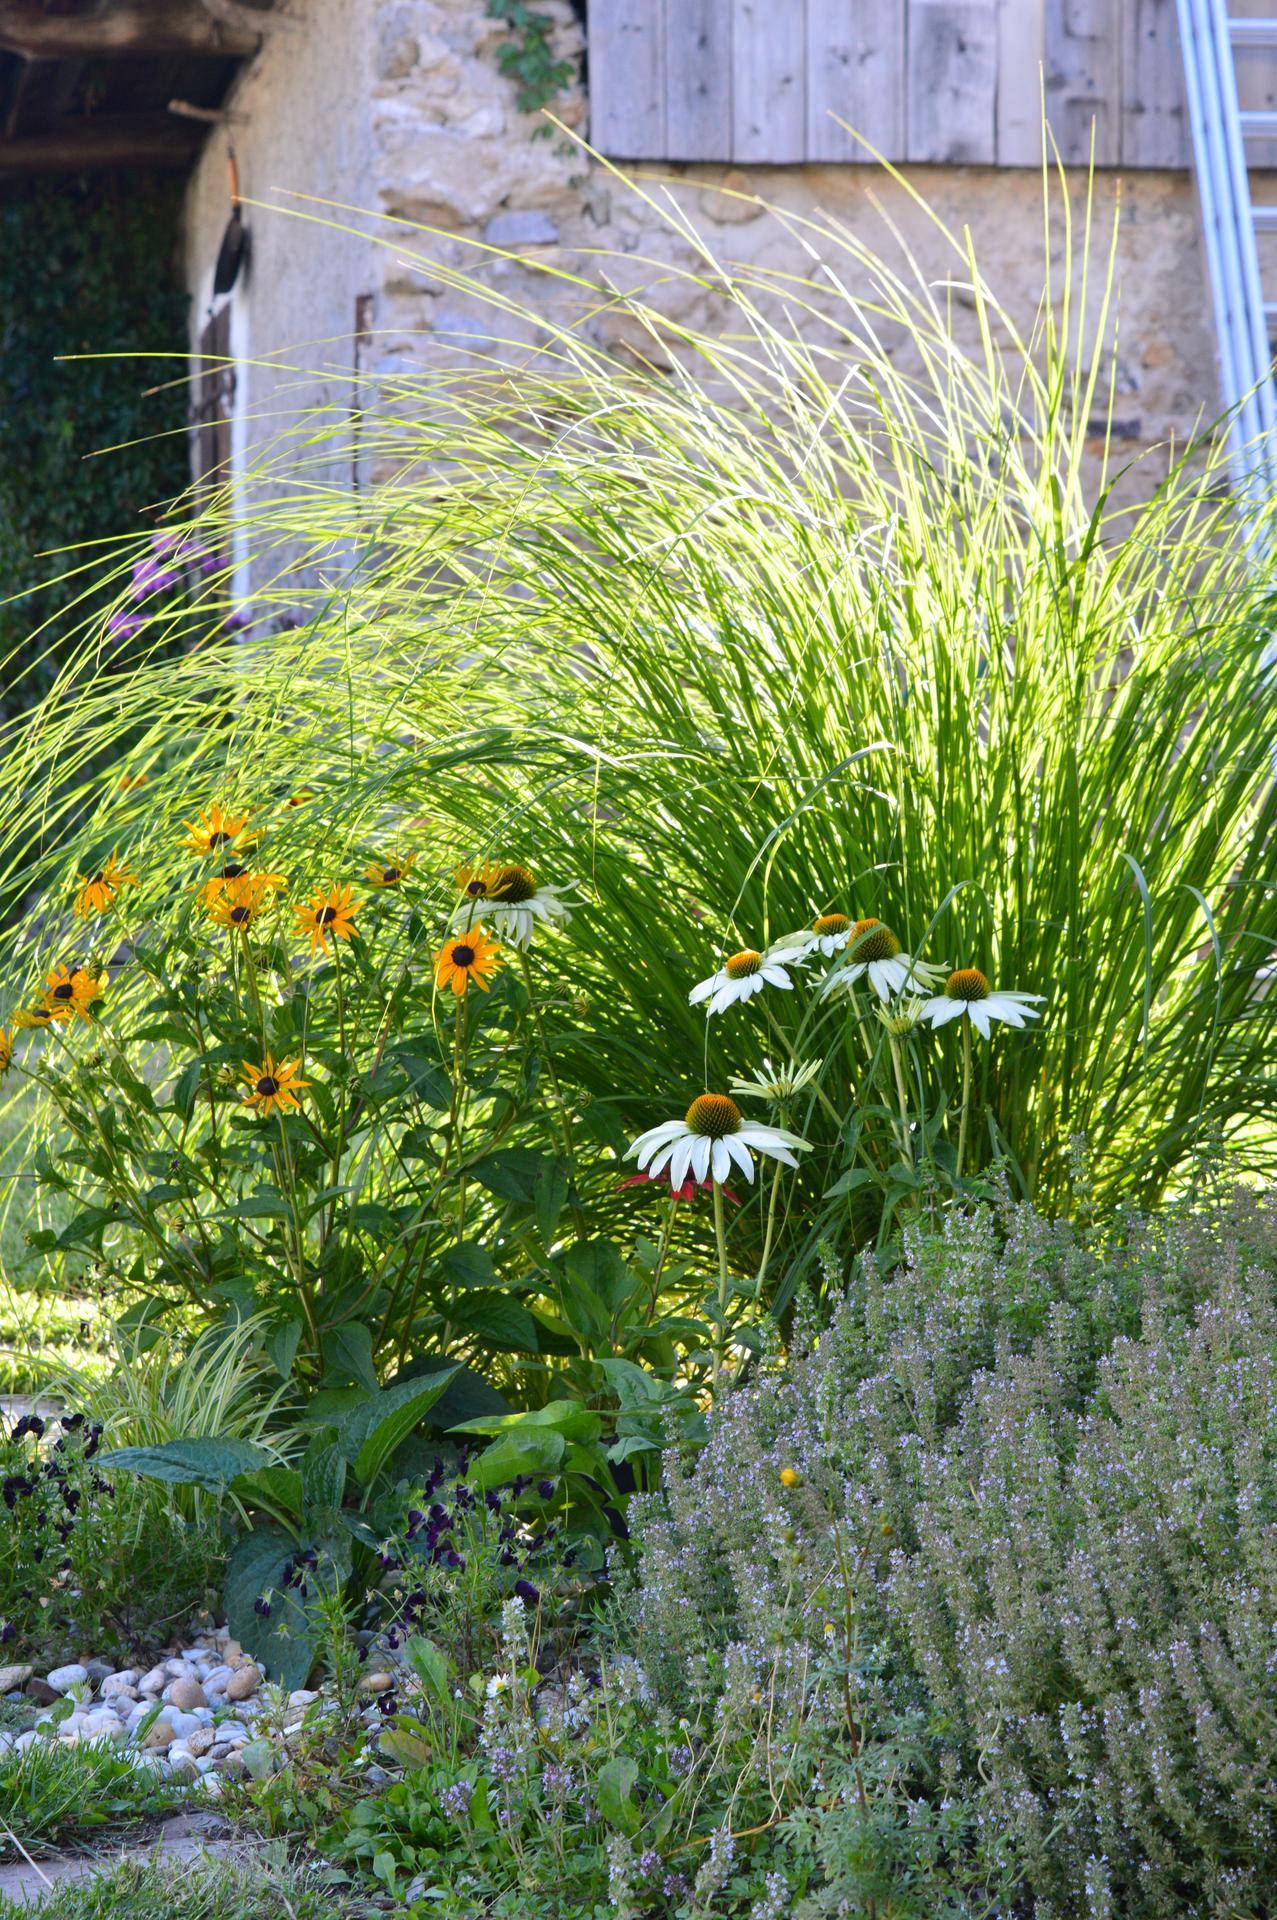 Naša prírodná perma záhradka v roku 2020 - trávy sa tohto roku veľmi rozkokošili. Oba dva trsy (kavyľ aj perovec), ktoré mali byť menšie, značne presiahli meter .... a to ich mám pár rokov, nie sú nováčikmi